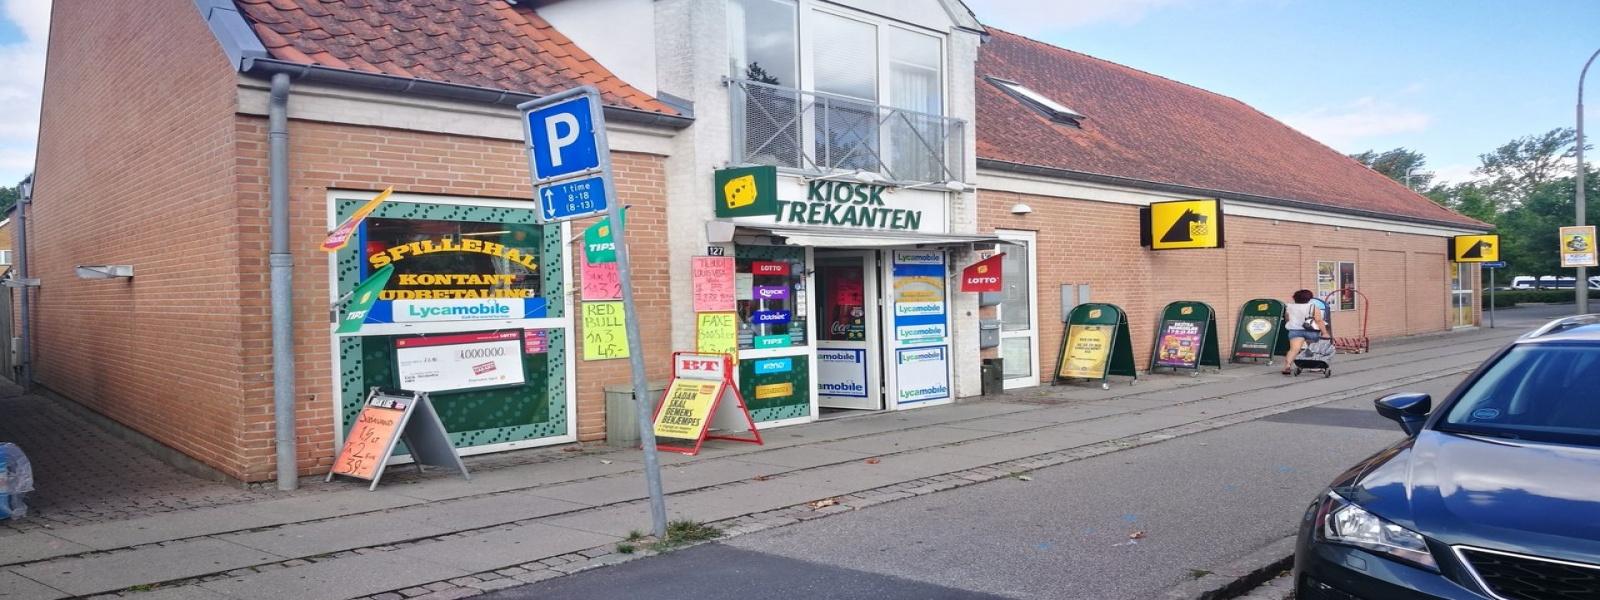 Andet Til Salg Pris Kr695000 185 Butikshopdk